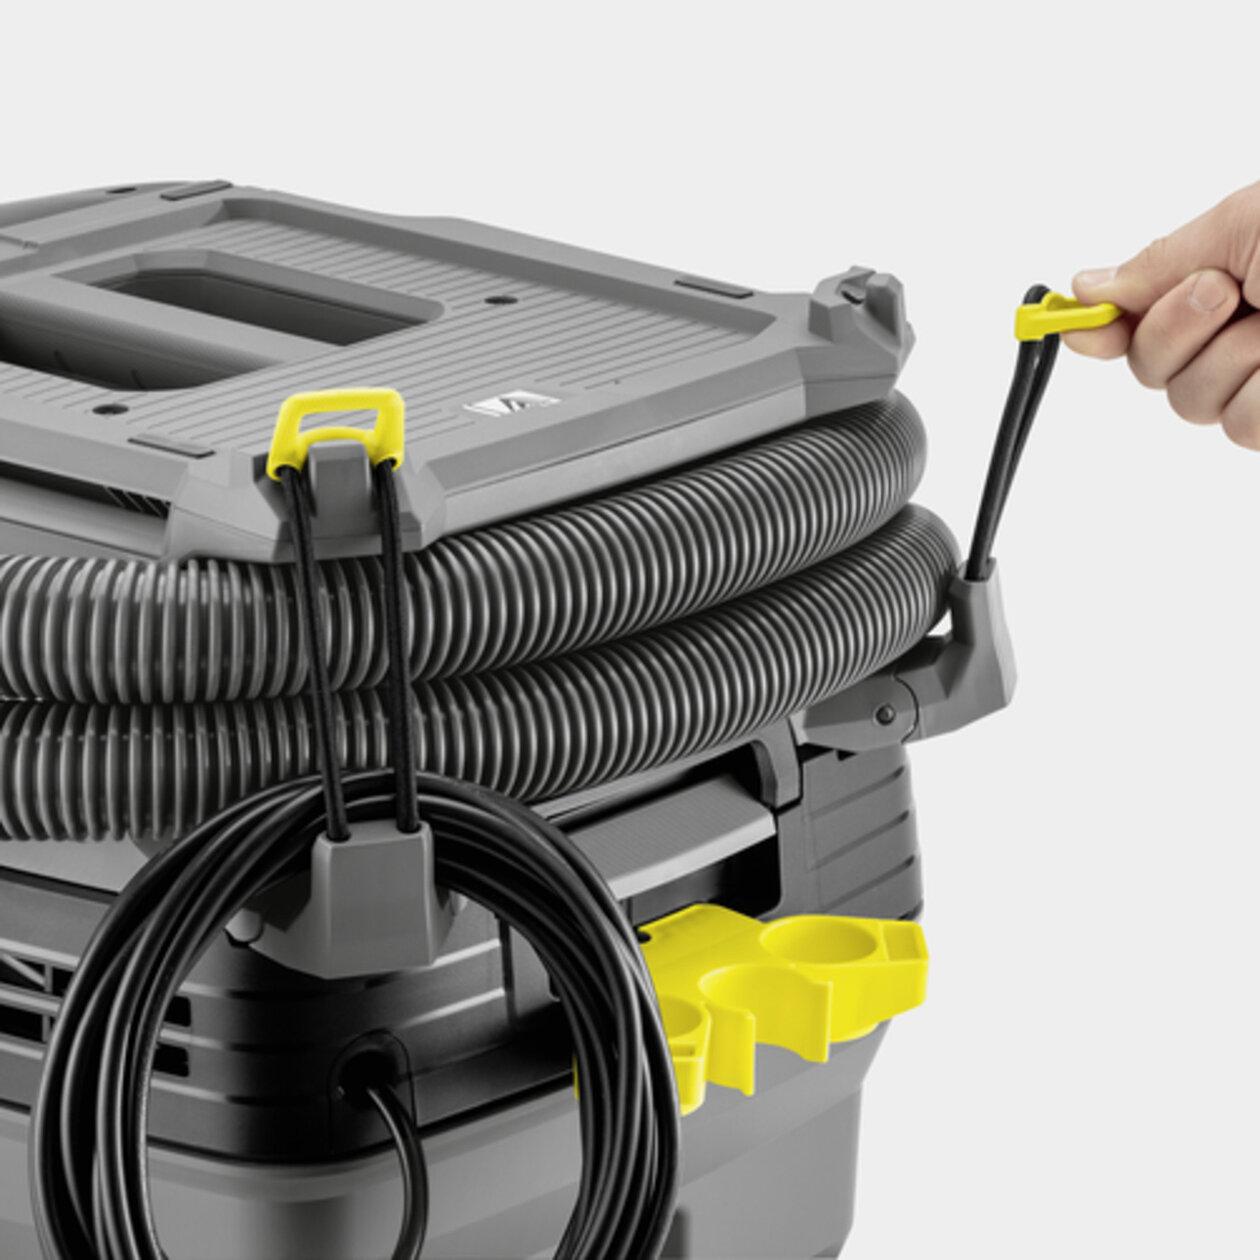 Nass-/Trockensauger NT 30/1 Ap Te L: Flexible Schlauch- und Netzkabelaufbewahrung